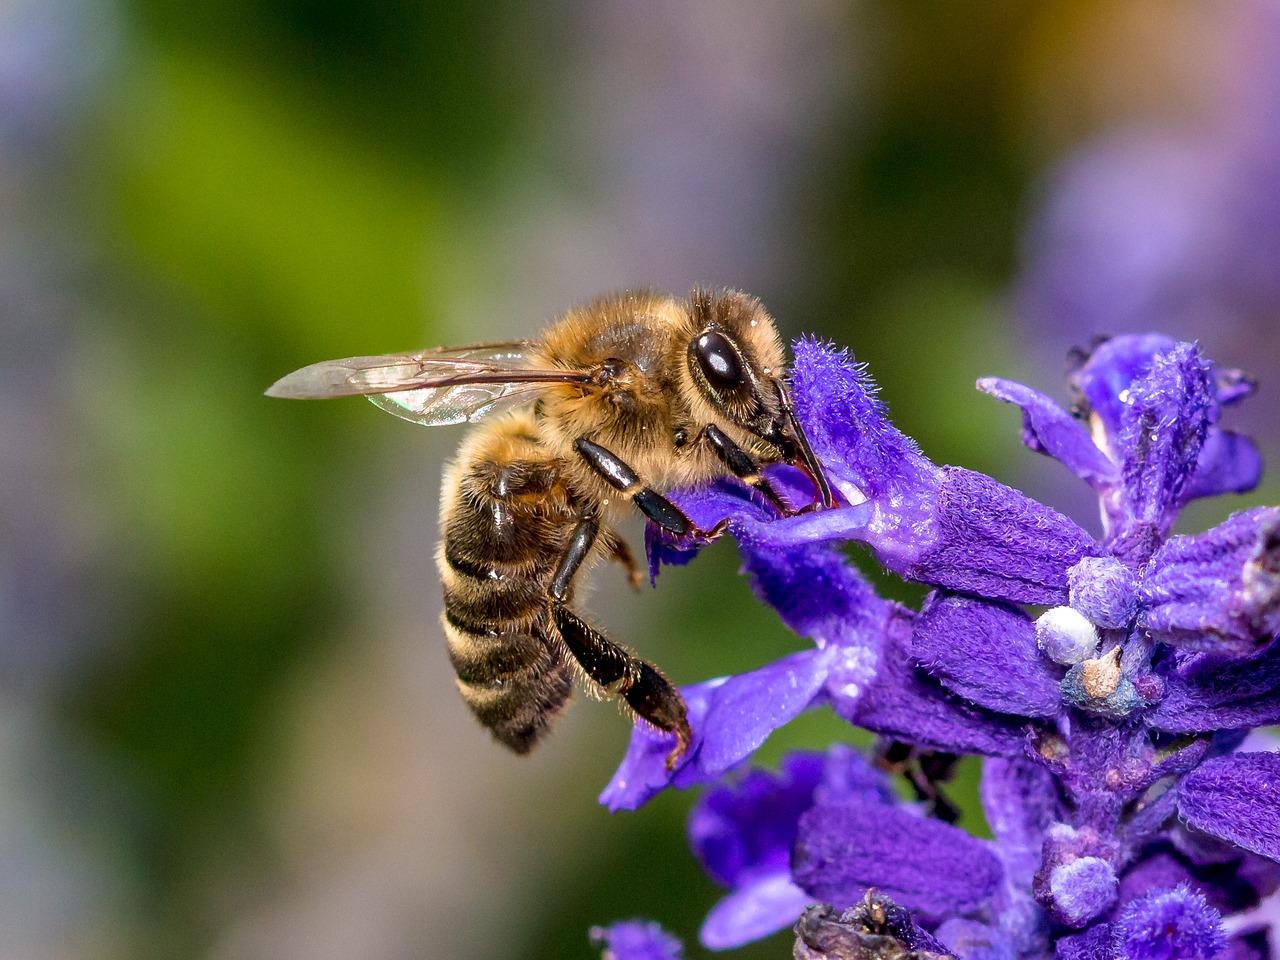 Videnskabeligt forsøg: Roundup kan gøre bier syge